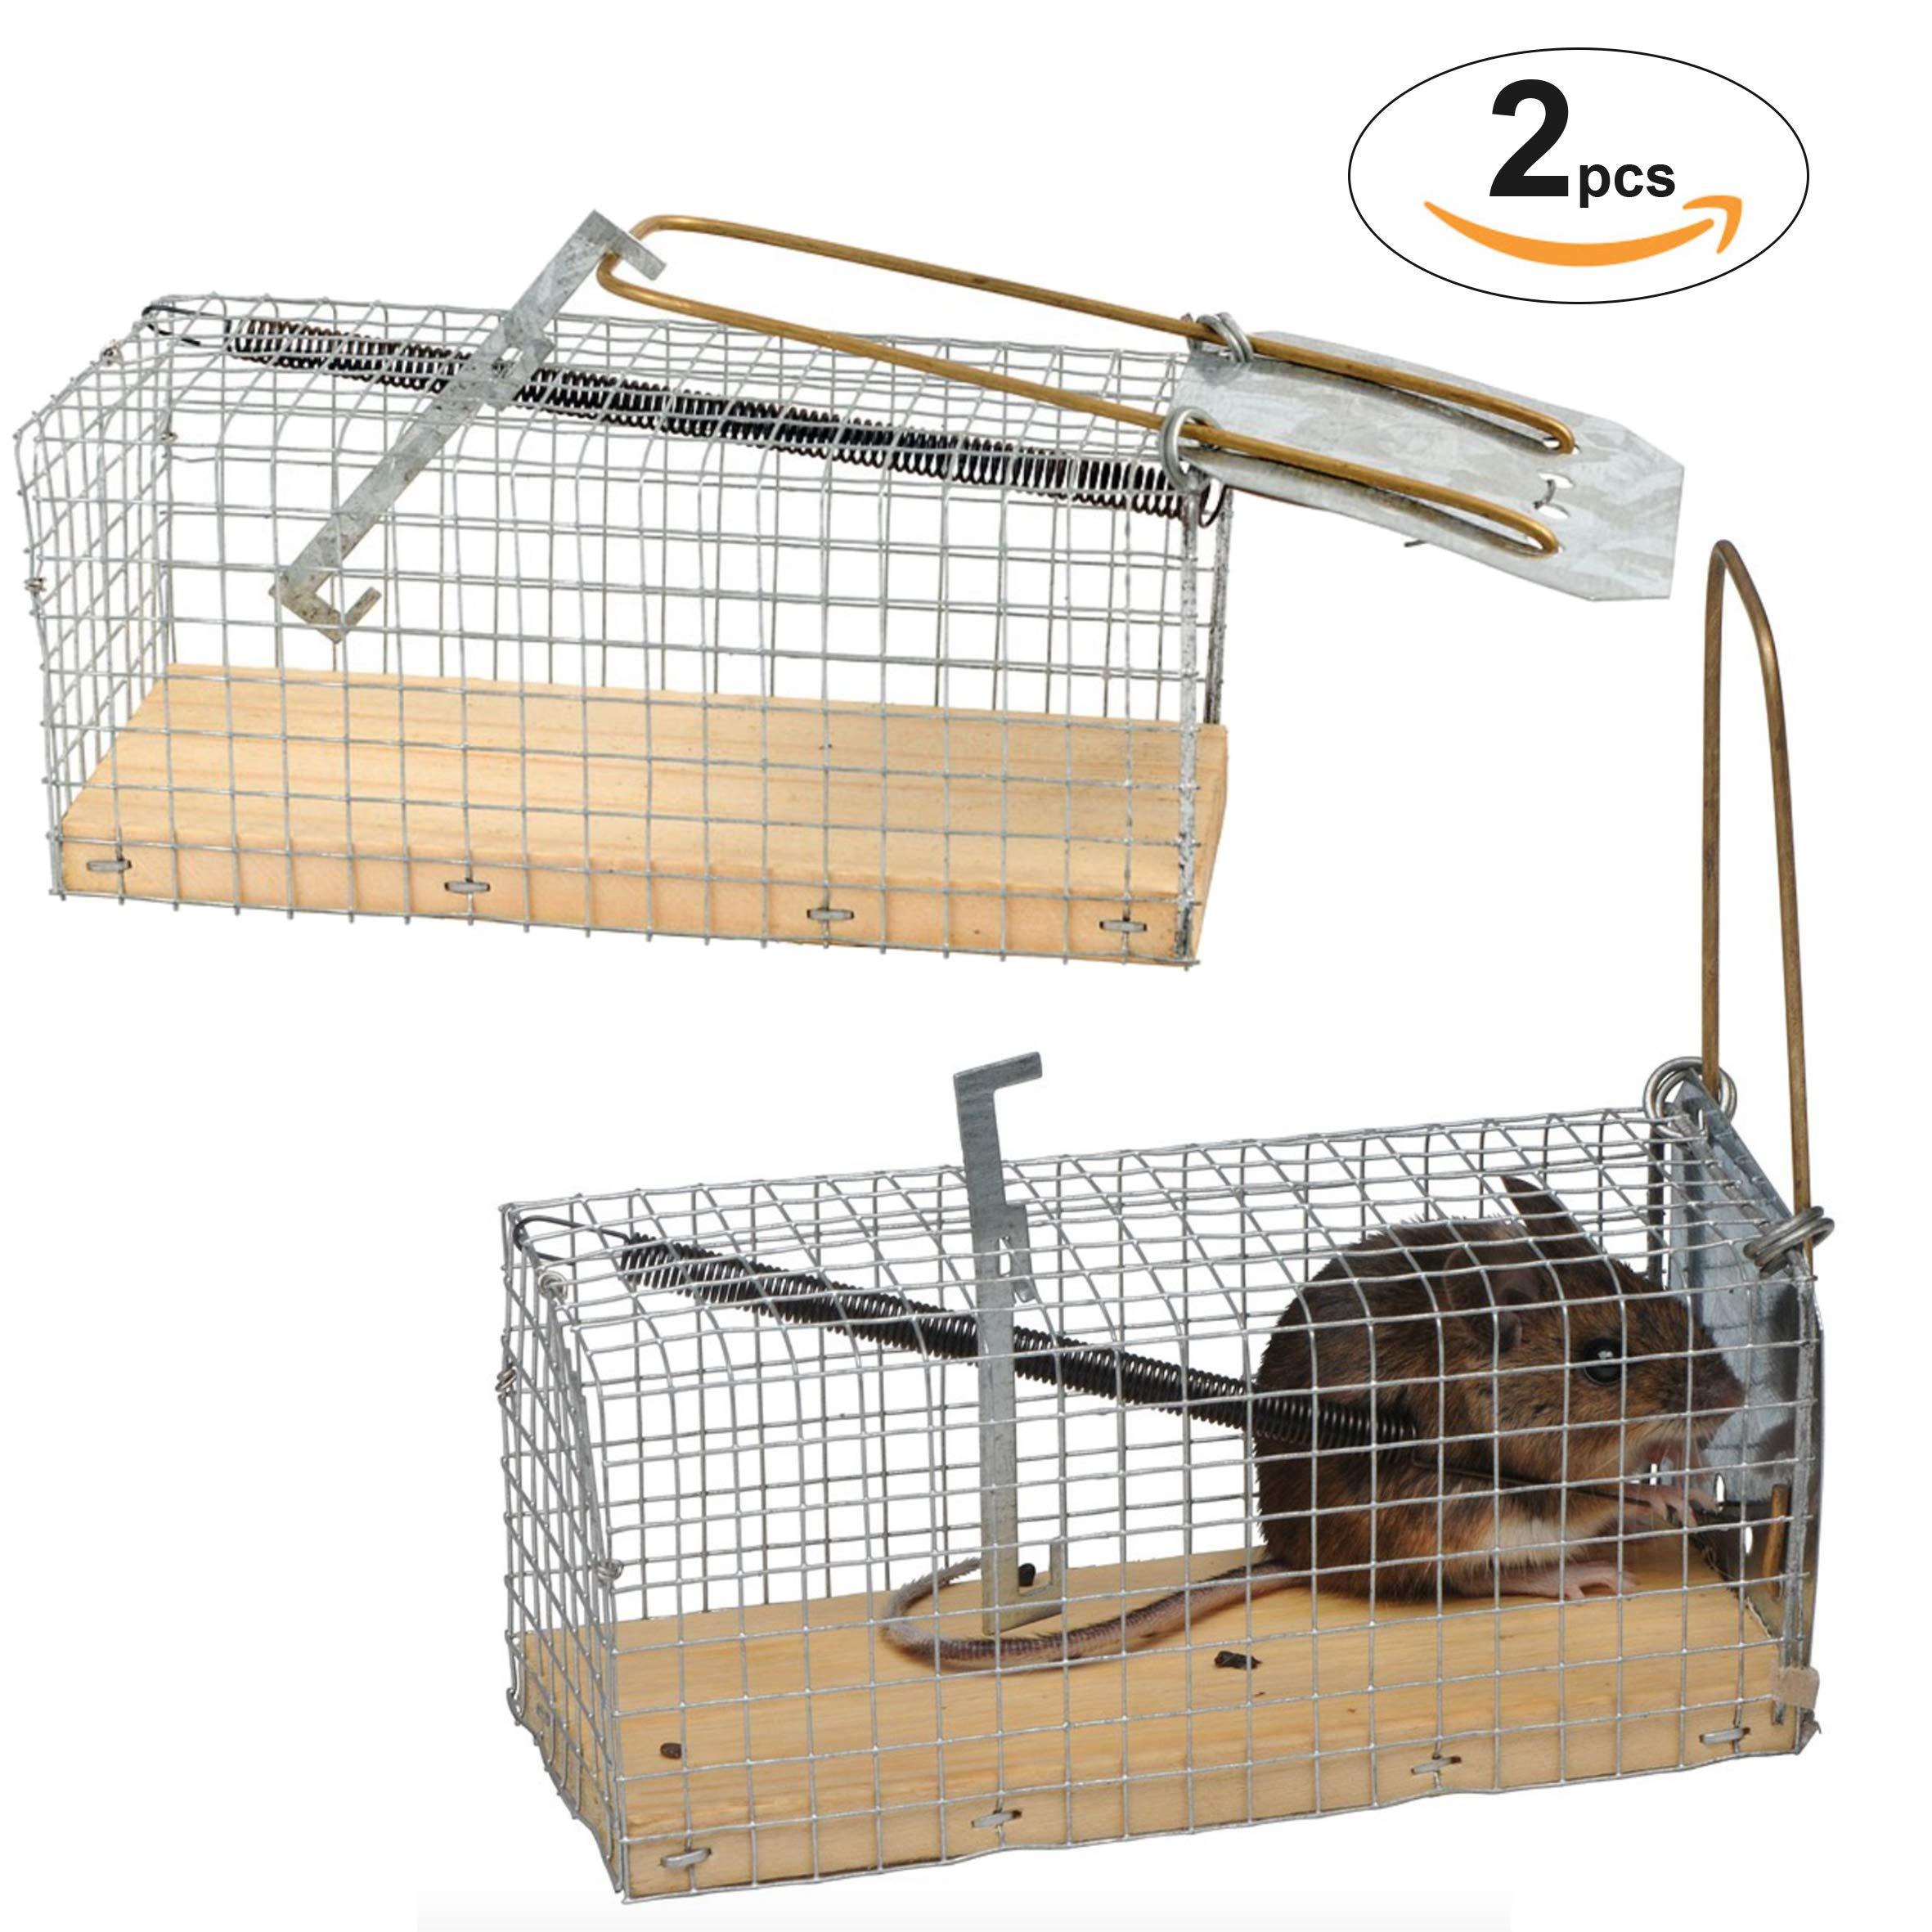 FINCA CASAREJO Trampa para Ratones - Pack 2 Unidades - atrapa los roedores sin matarlos product